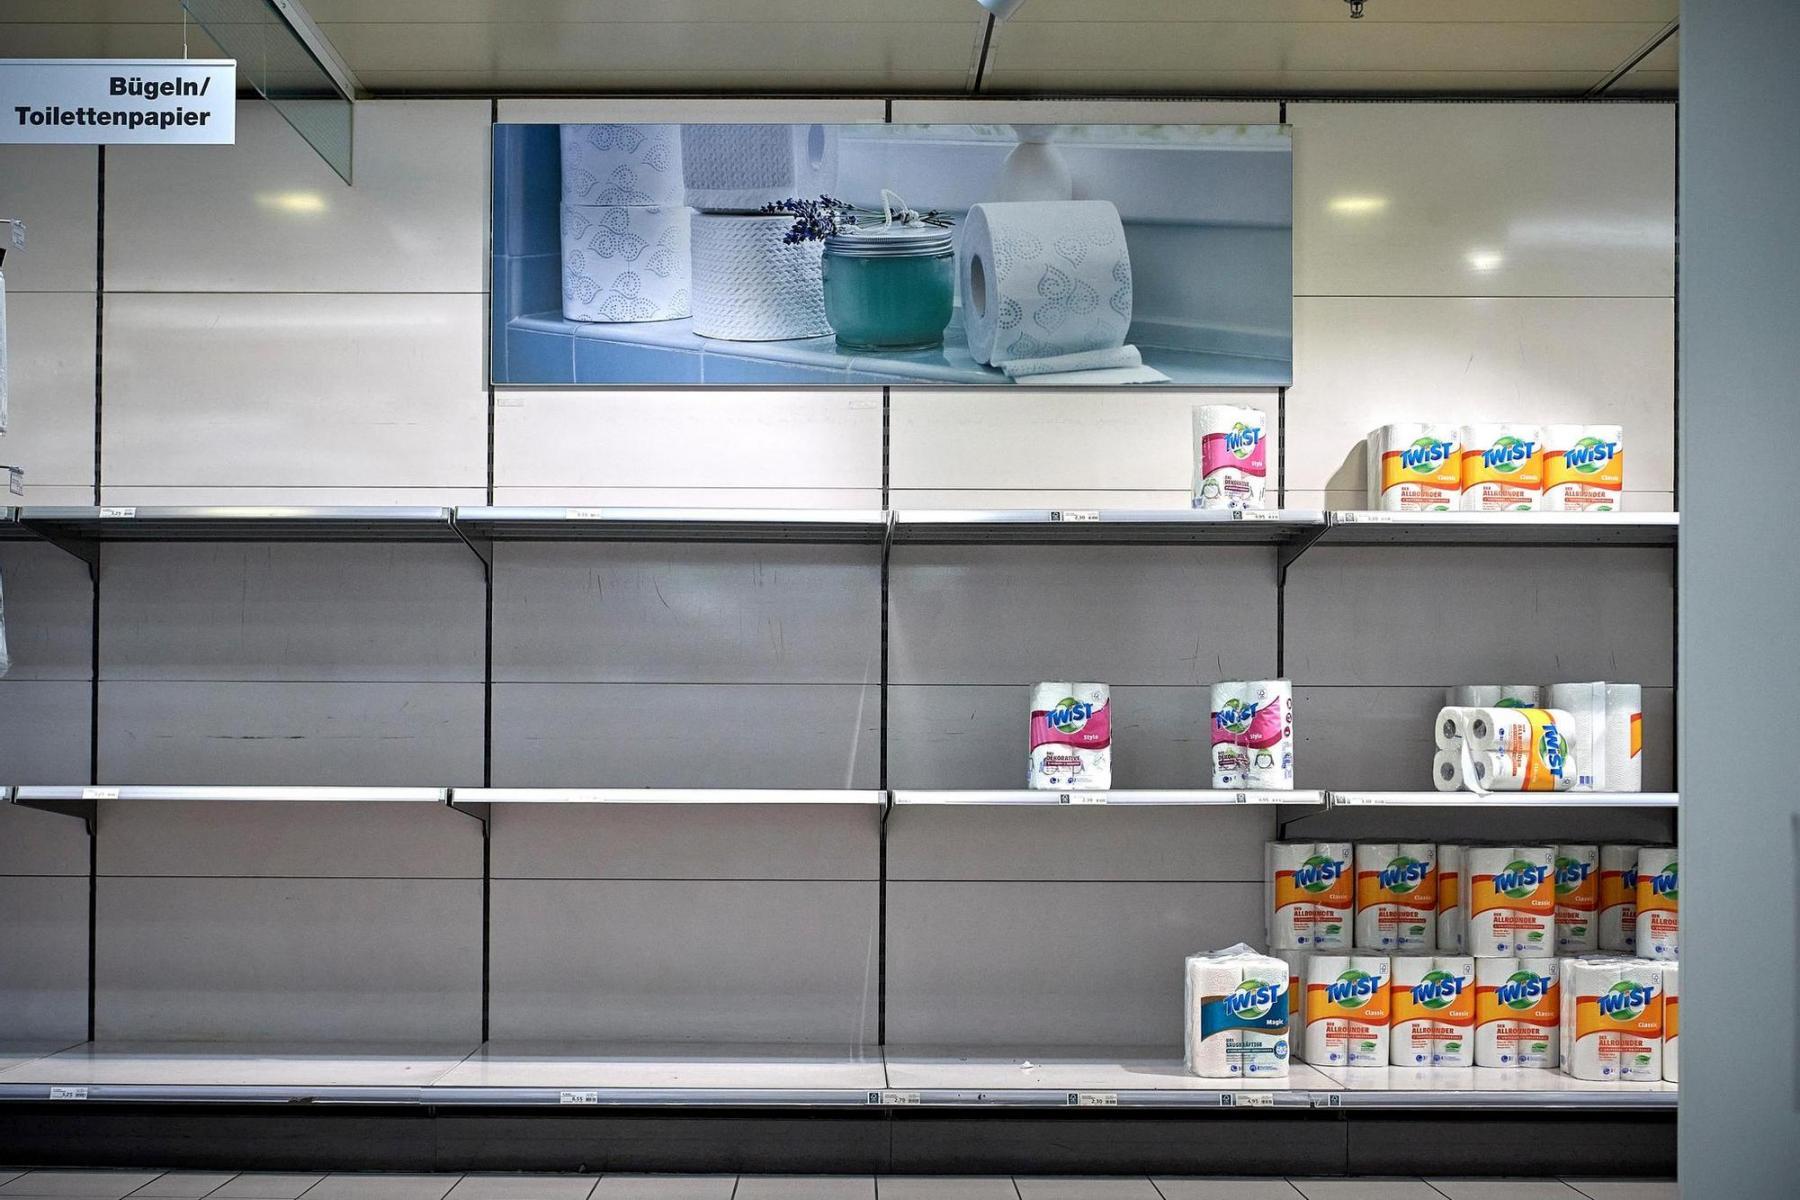 Die ausserordentliche Lage führt zu Hamsterkäufen. Leere Regale in der Migros Marktgasse am 7.4.2020. Nachgefragt wurde vor allem Toilettenpapier. Foto:  Adrian Moser